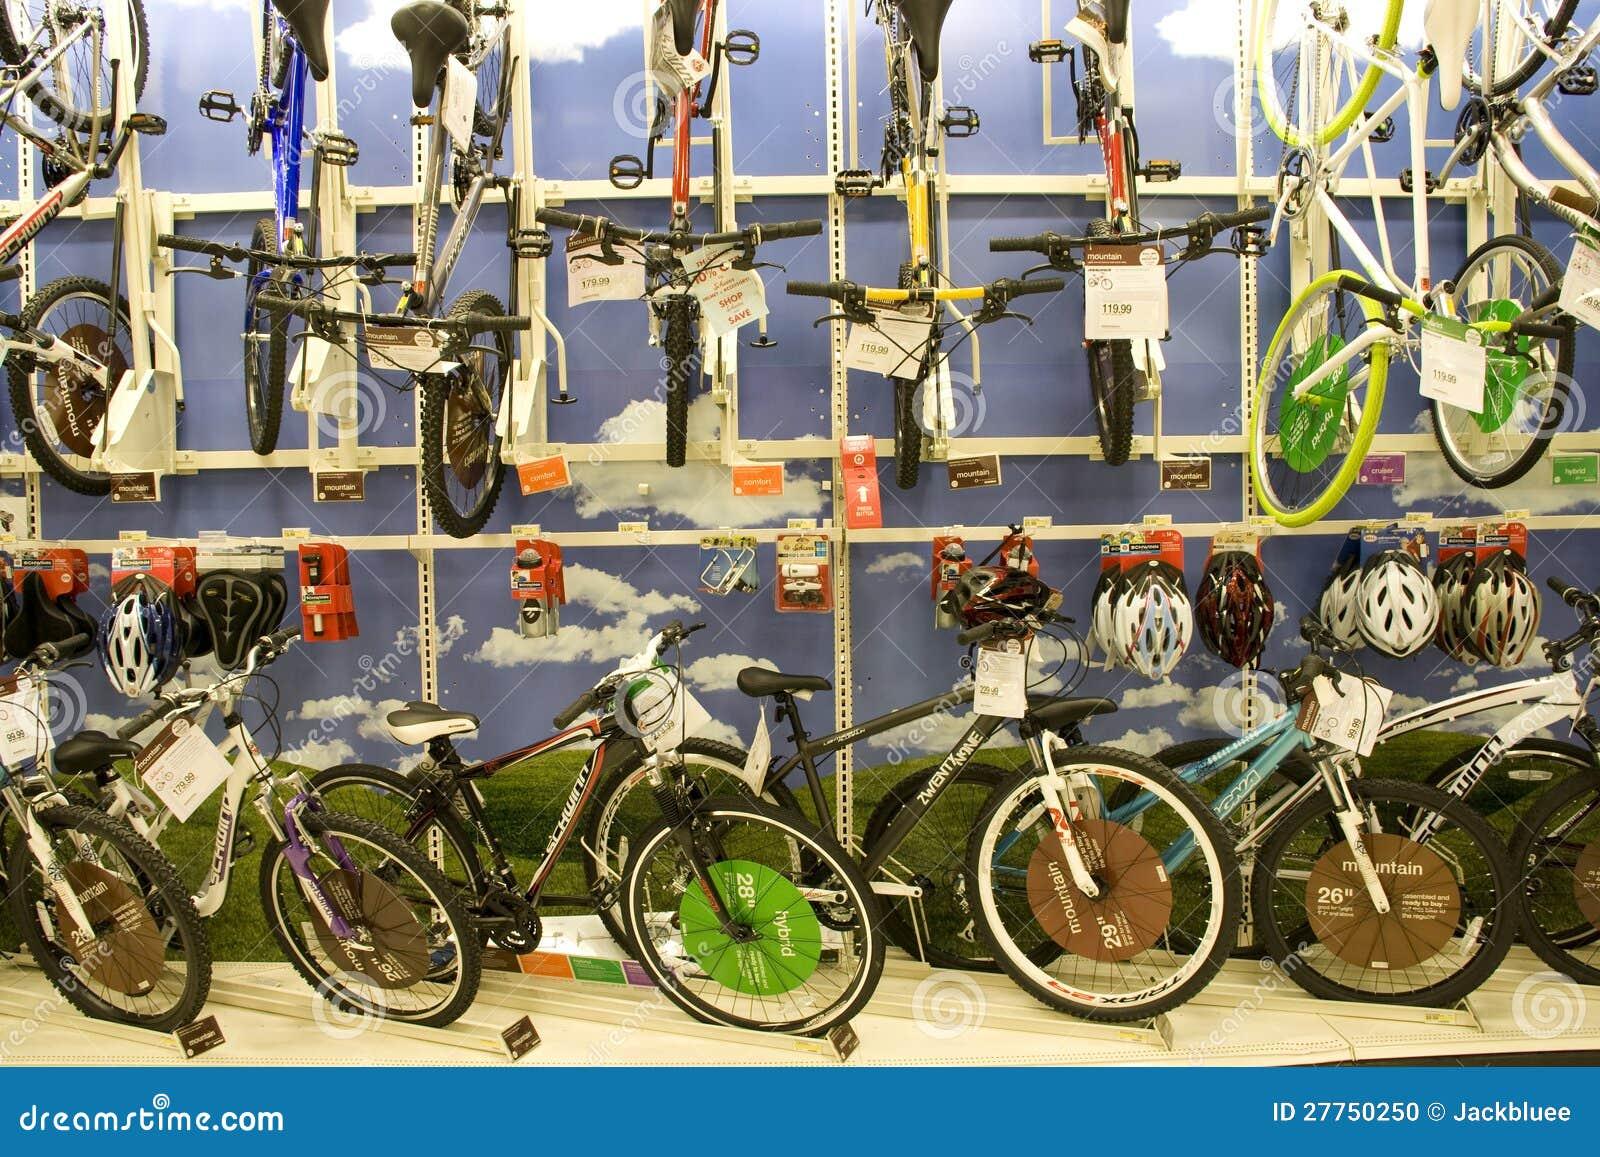 Veel elektrische fiets benzine fietsen te koop dehands be